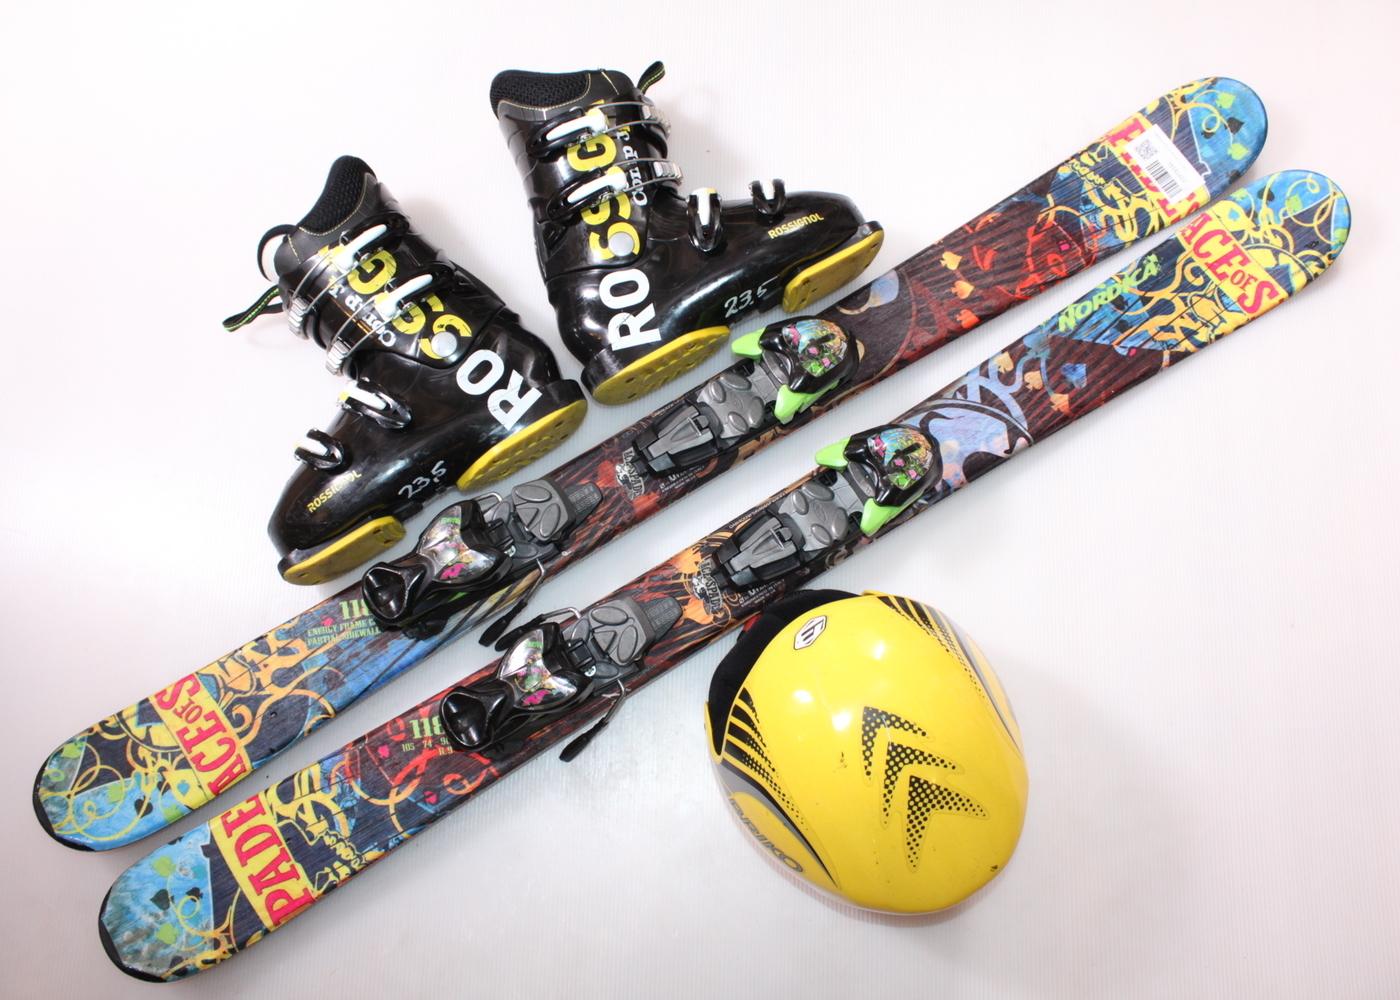 Dětské lyže NORDICA ACE OF SPADES J 118 cm + lyžáky  37EU + helma